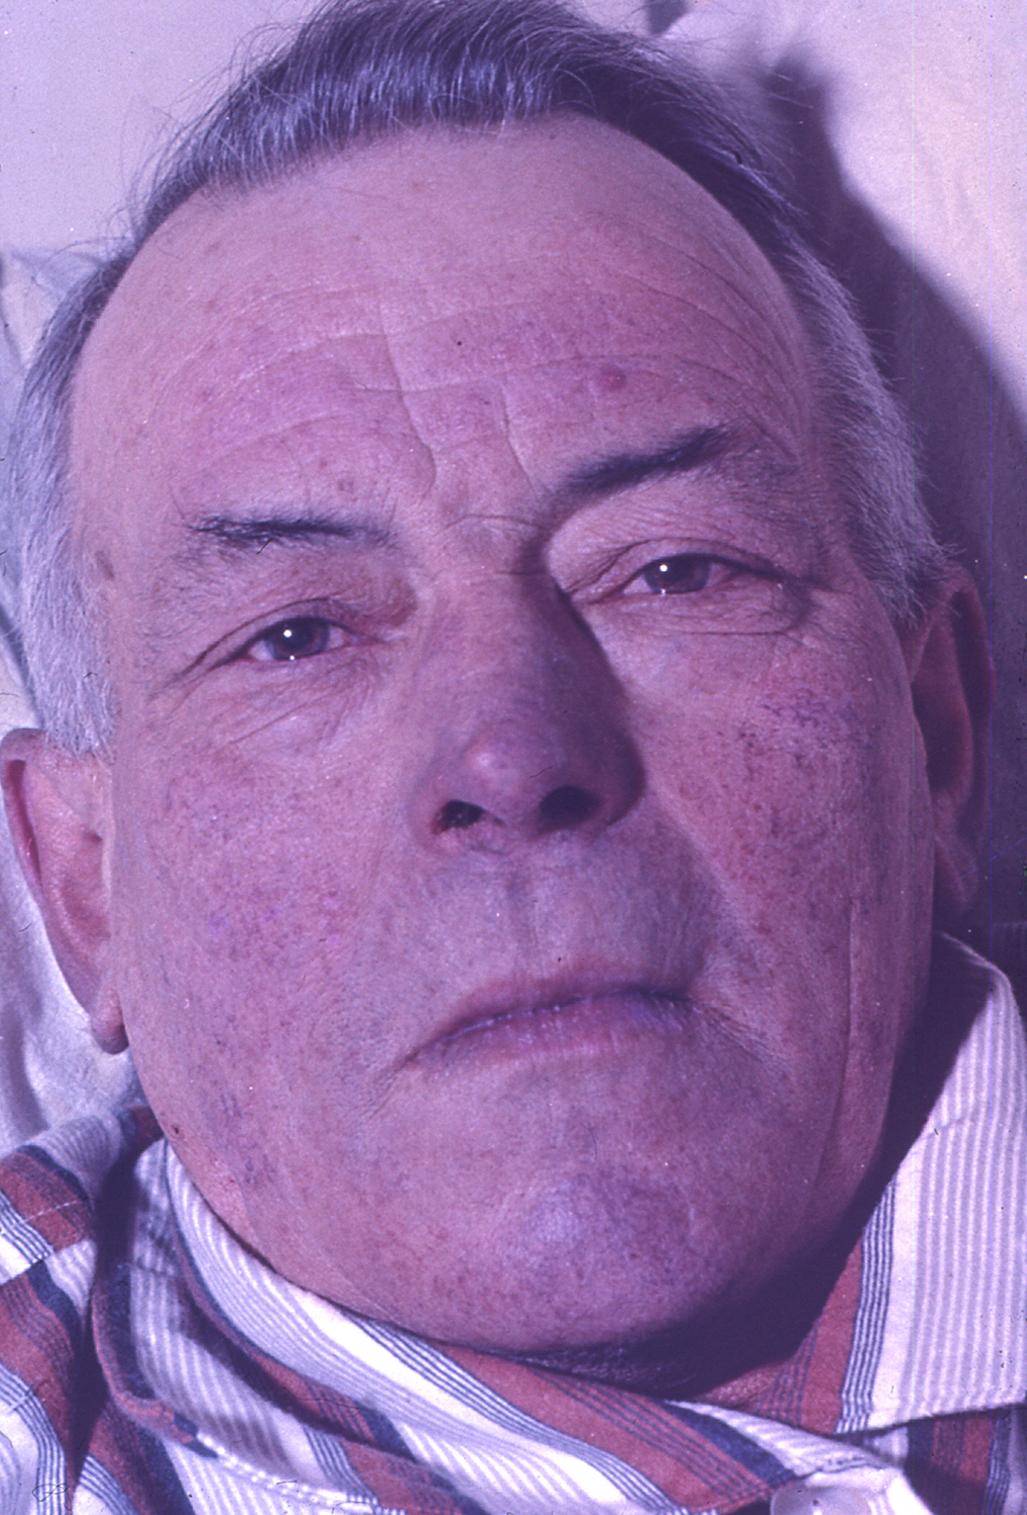 Hipertensión / Hipertensión azul  Agfacolor 35 mm film  c.1975